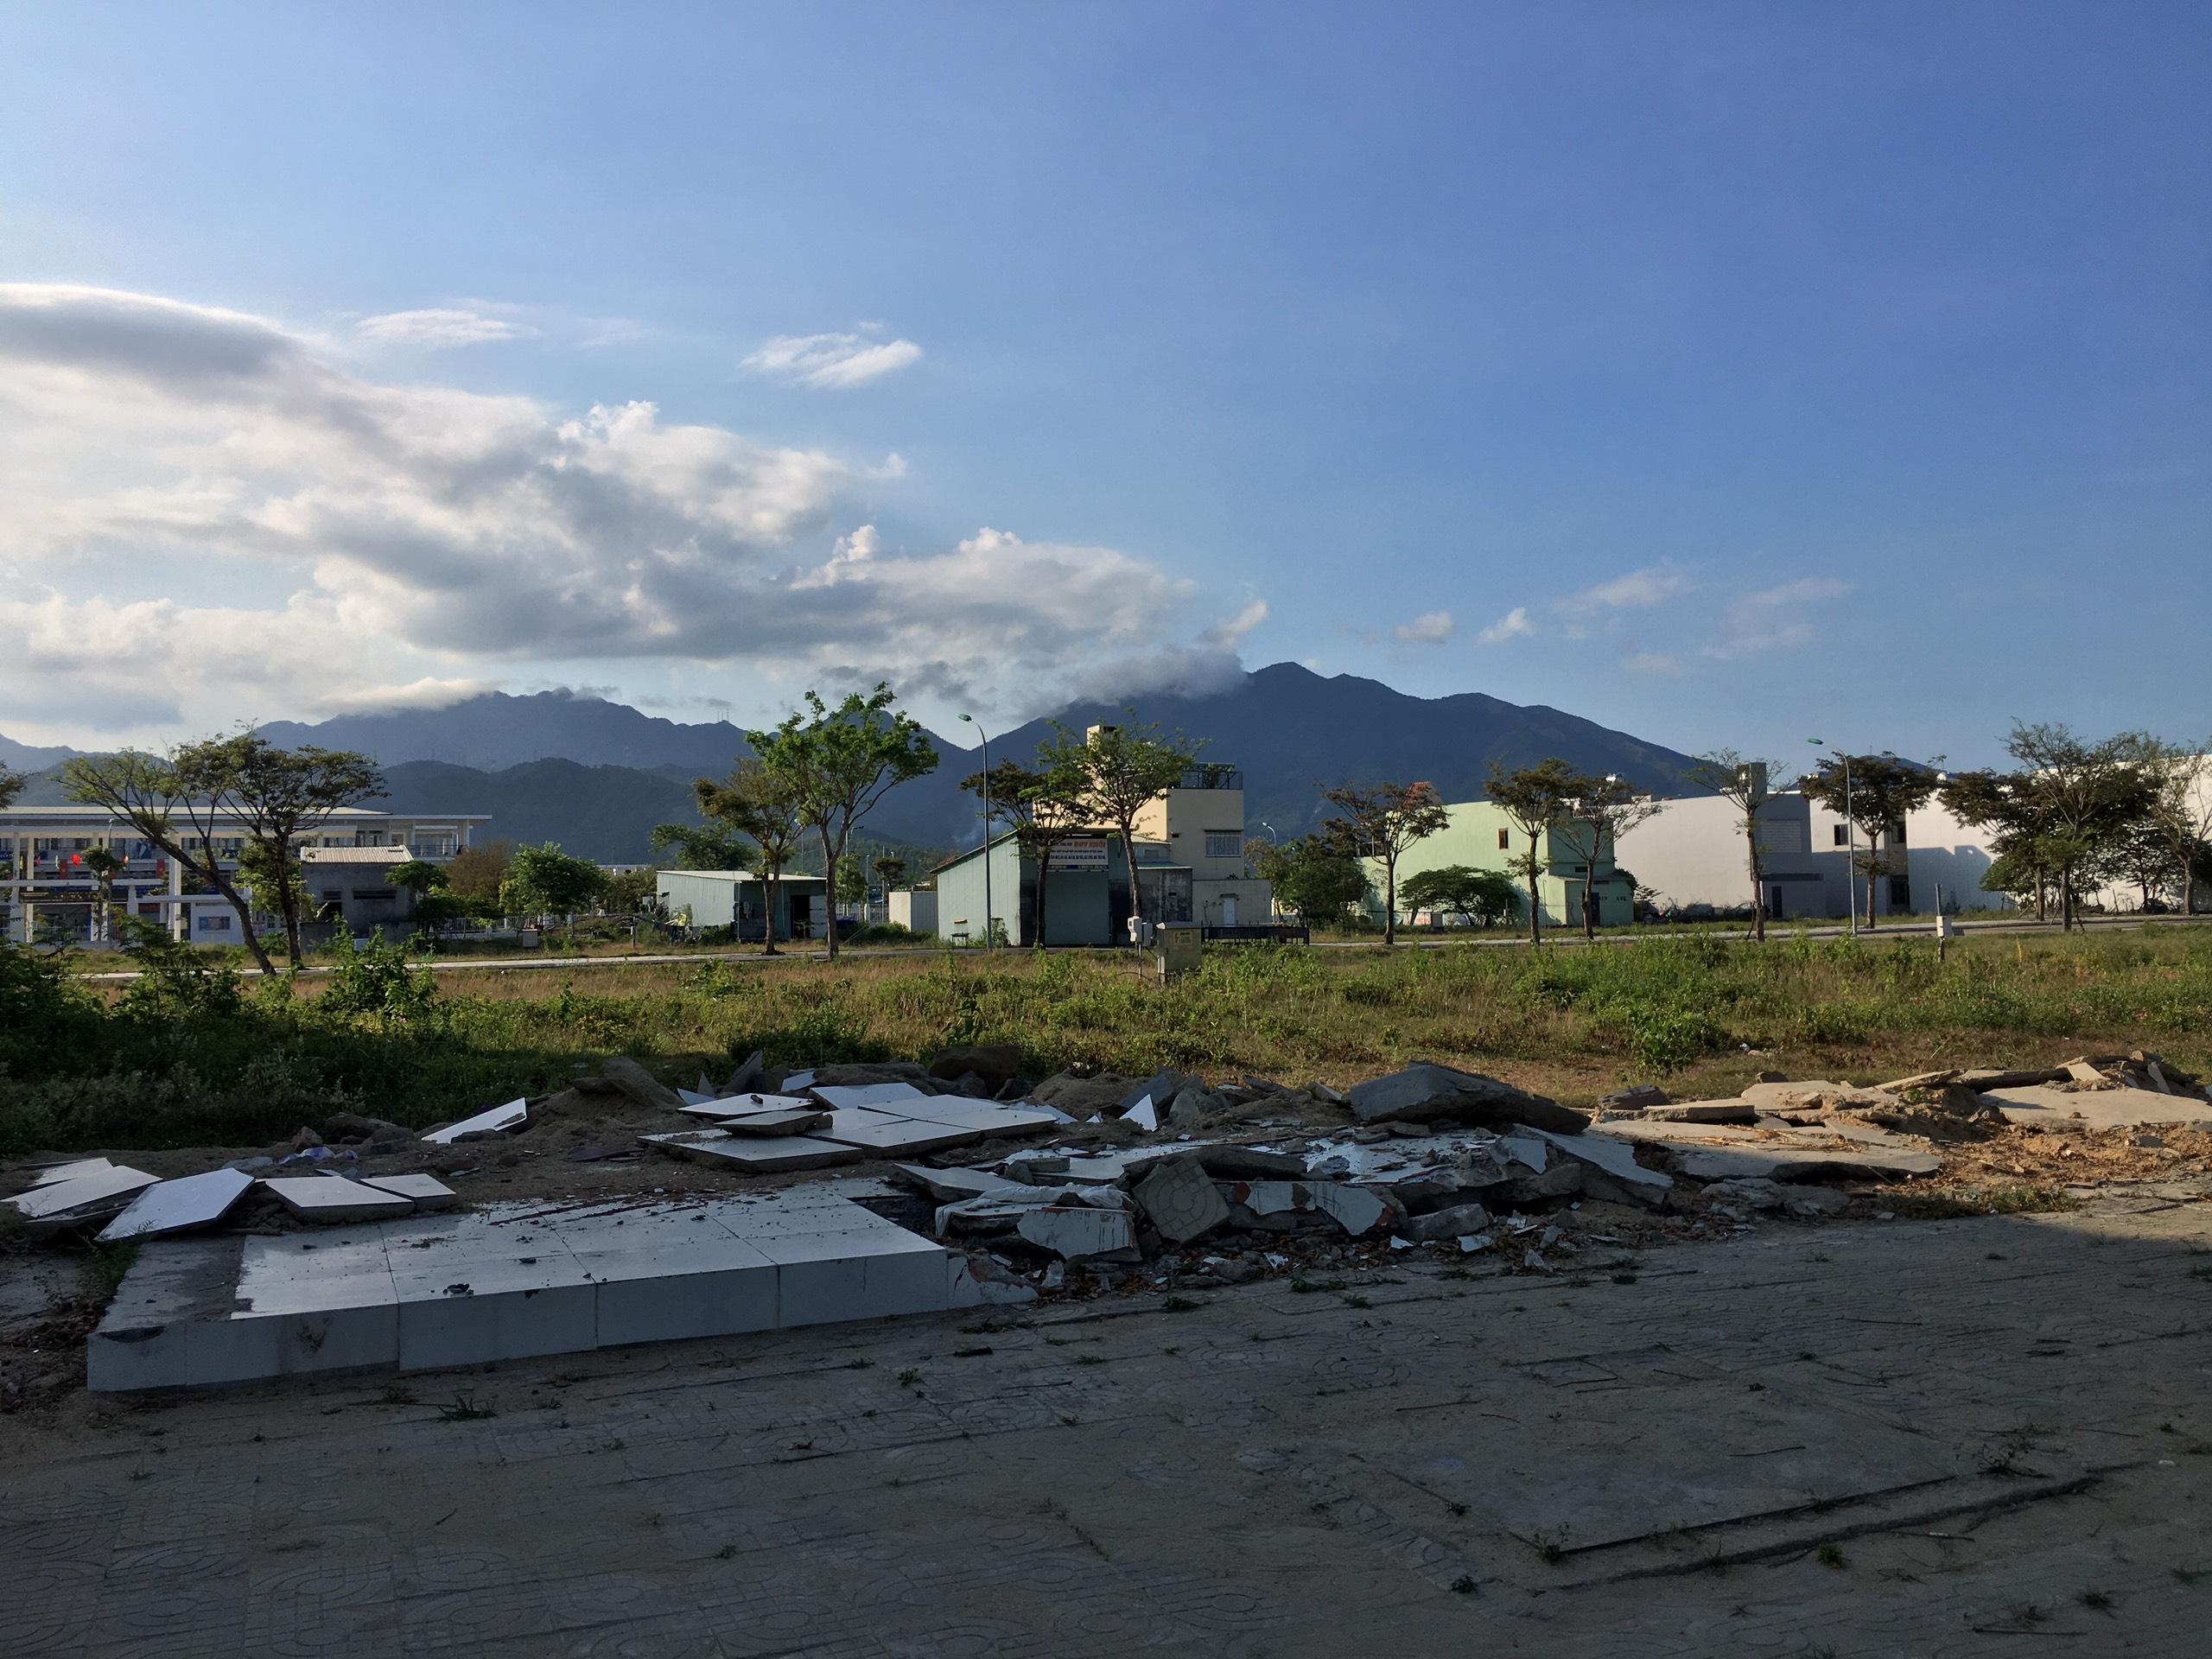 Trở lại nơi sốt đất ở Đà Nẵng, ki ốt bị dẹp hàng loạt, các dự án không bóng người - Ảnh 4.